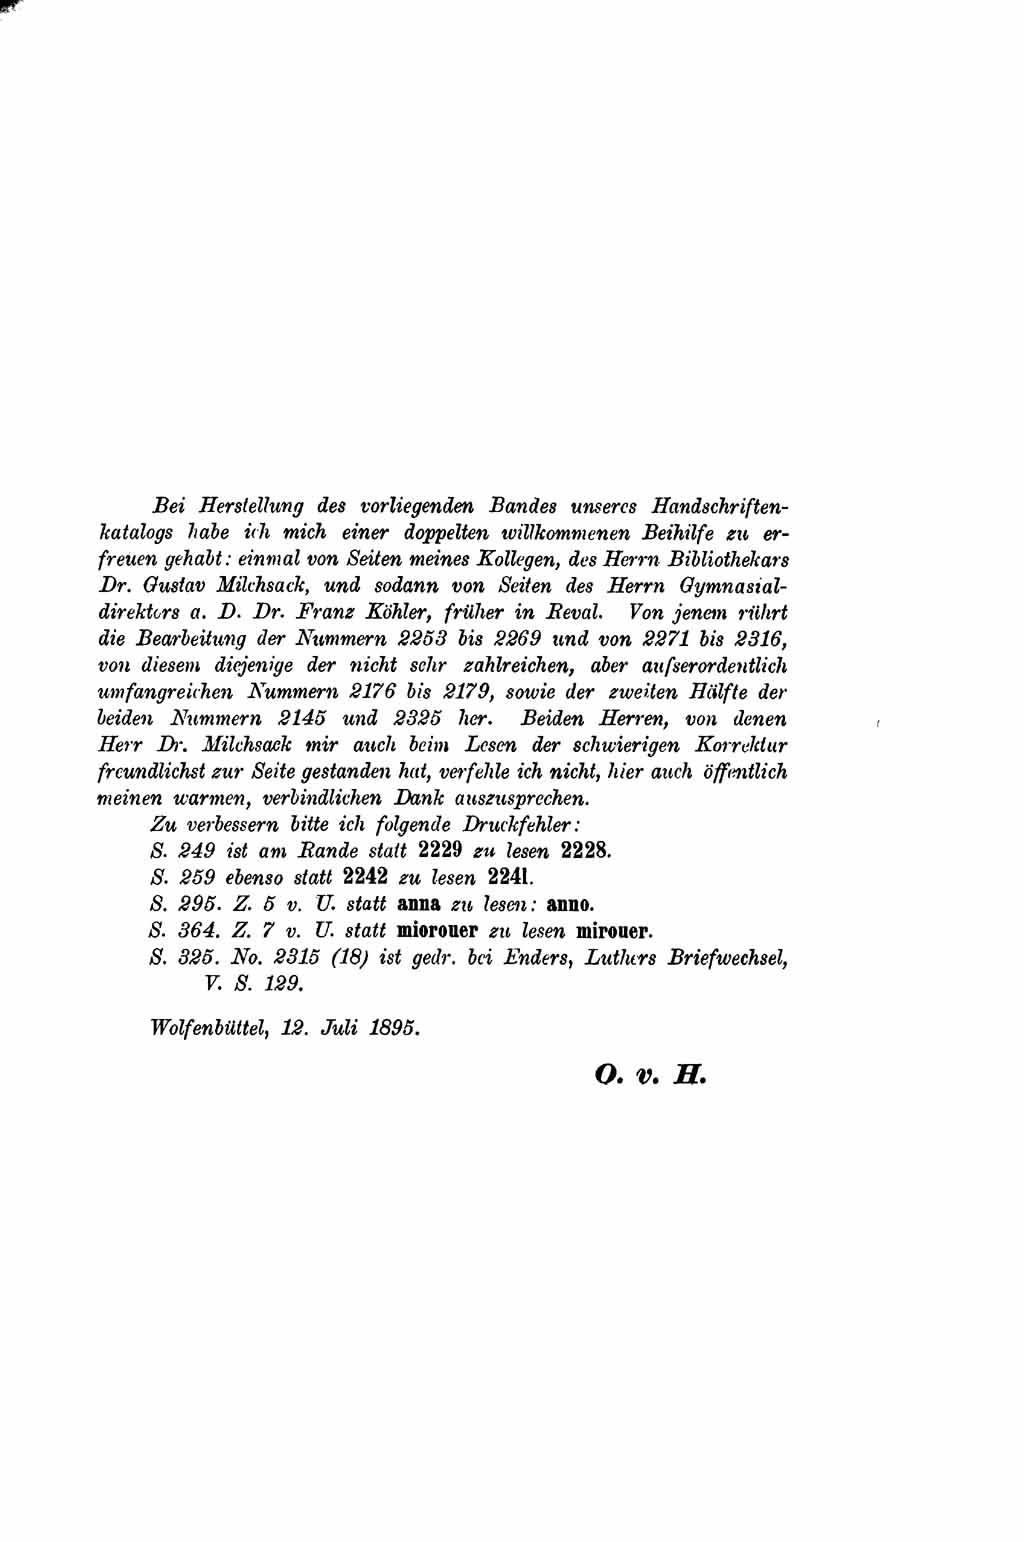 https://diglib.hab.de/drucke/f4f-539-5/00011.jpg